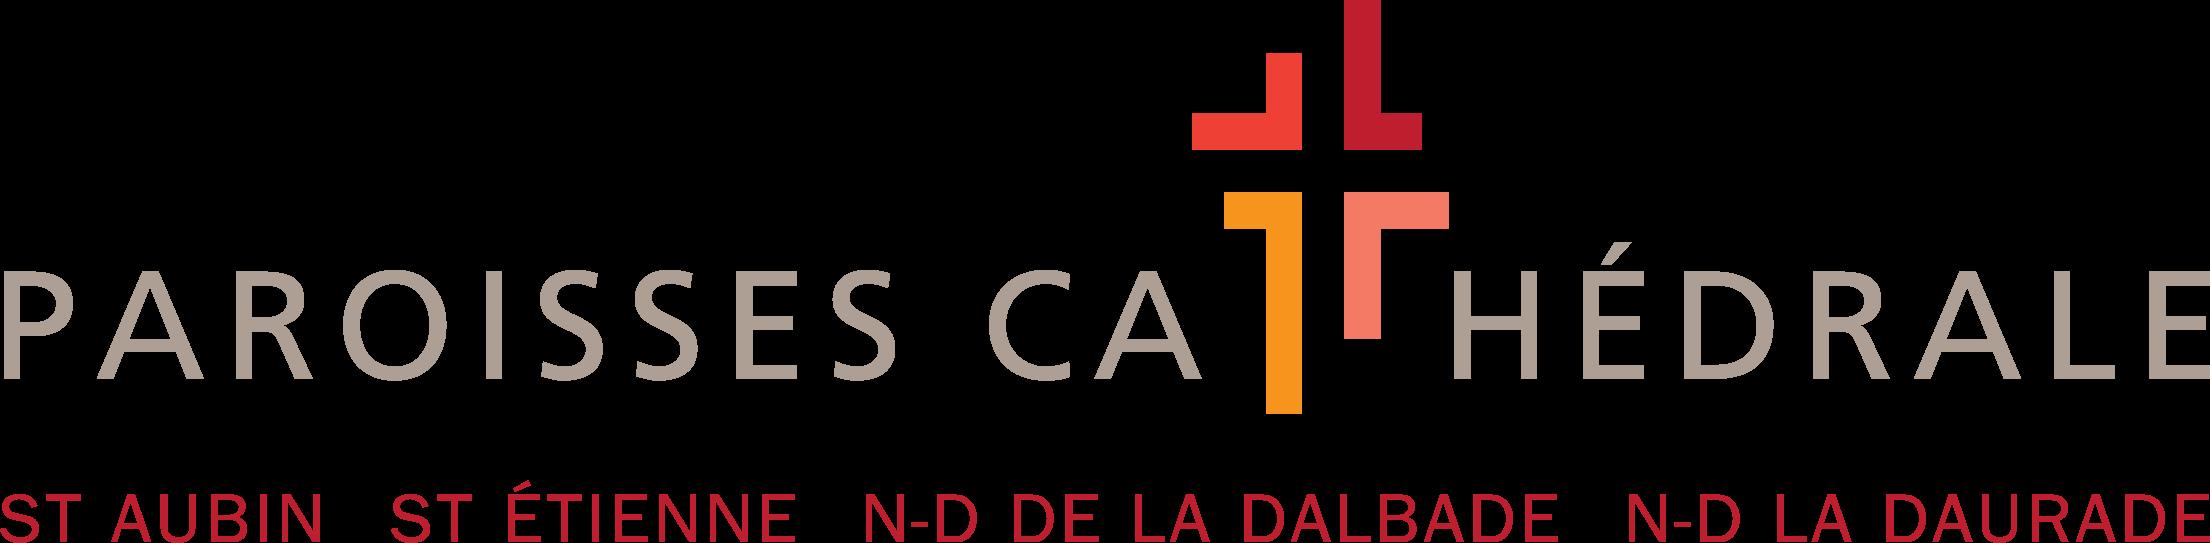 paroisses-cathedrale-toulouse